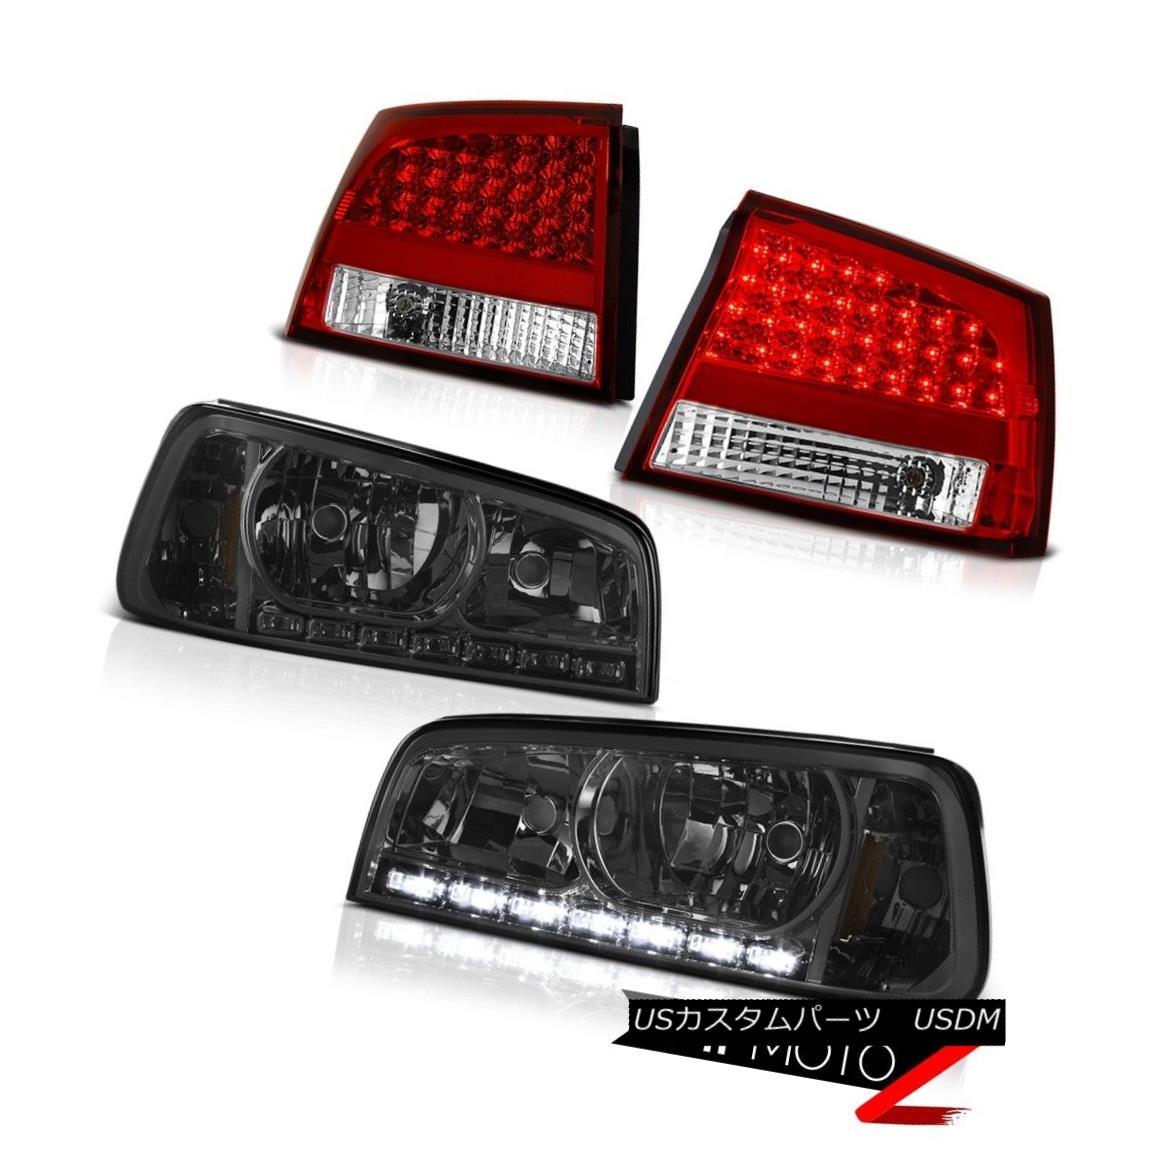 テールライト 09 10 Charger 2.7L Halo Rim Smoke Headlights LED Taillamps Chrome Red Rosso Red 09 10充電器2.7L Halo RimスモークヘッドライトLED Taillamps Chrome Red Rosso Red